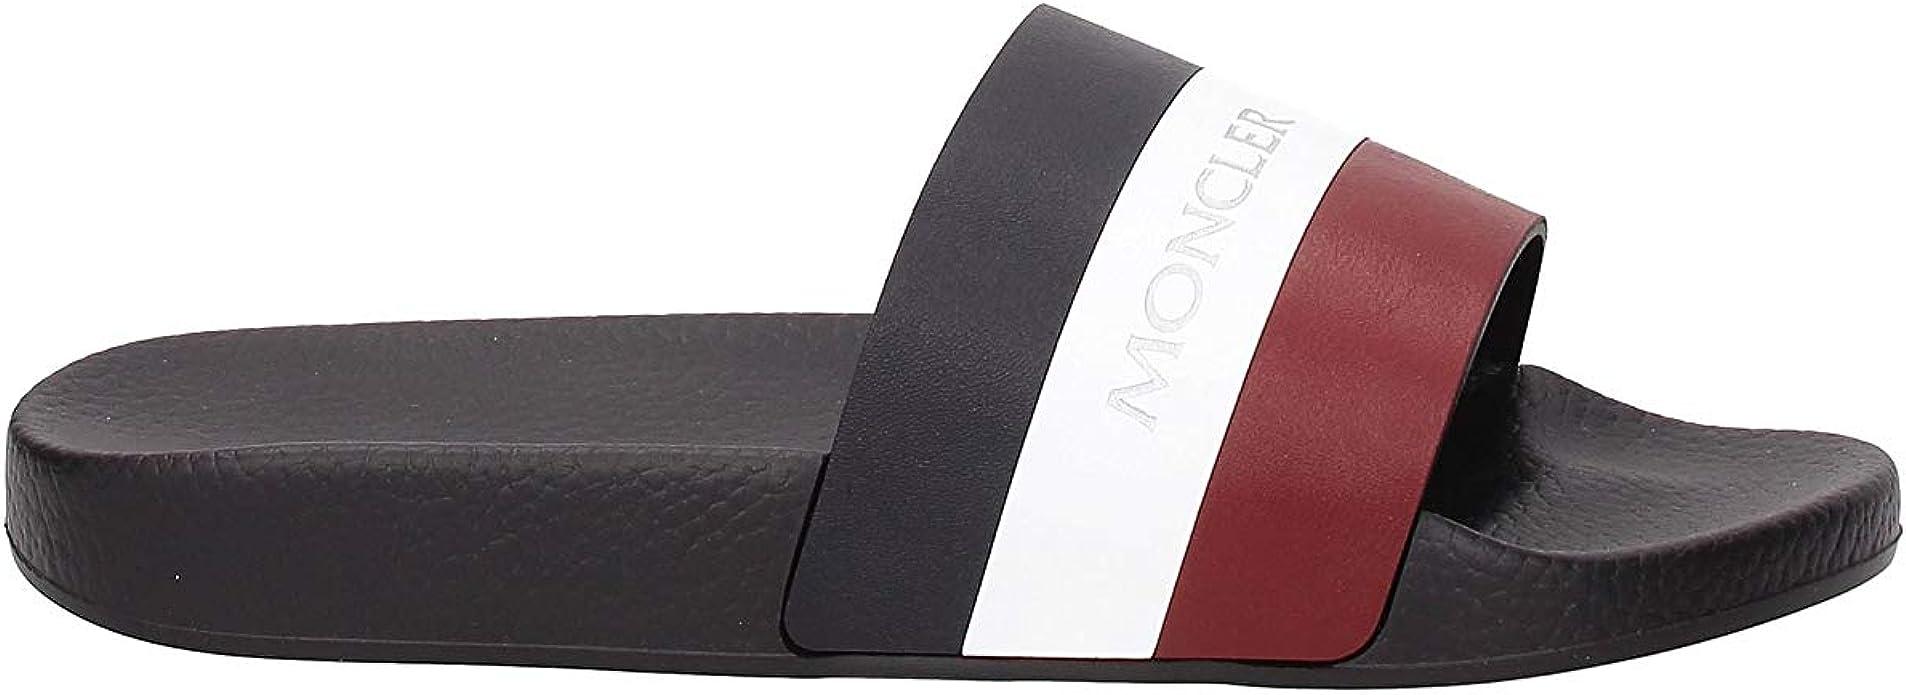 Moncler Herren Hausschuhe Schwarz schwarz Hausschuhe Schuhe